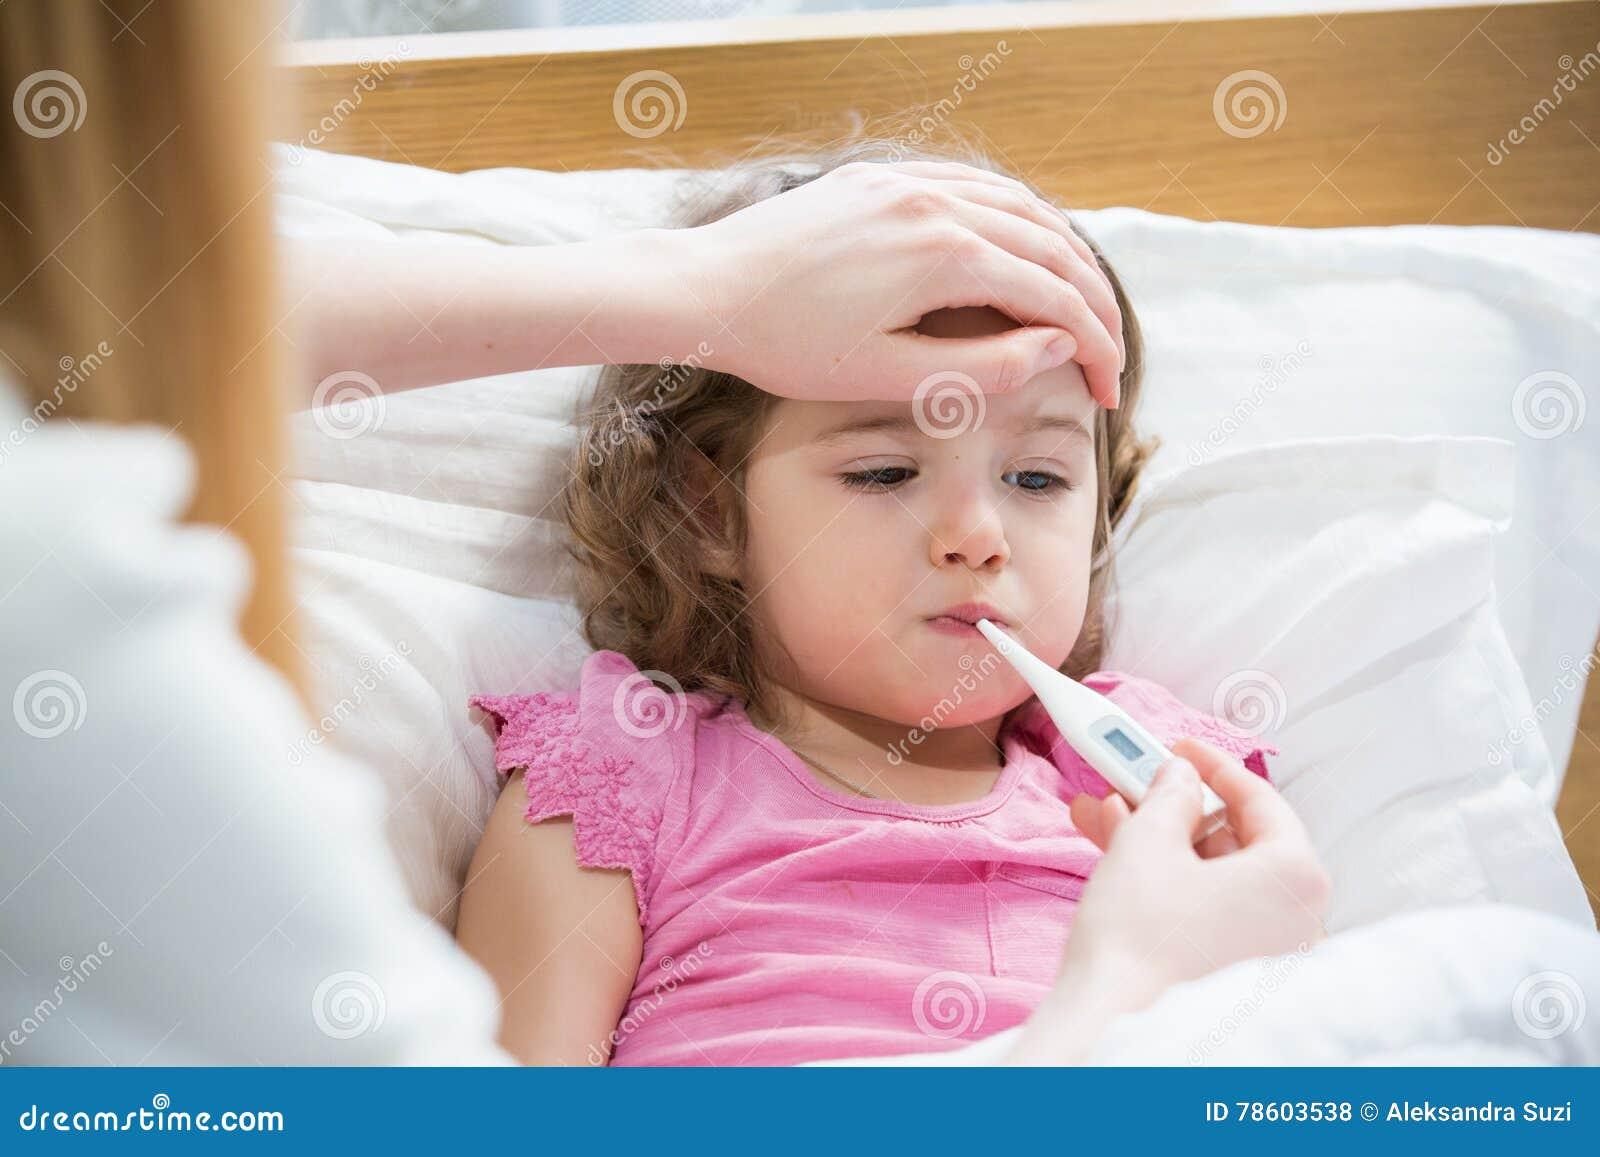 Criança doente com febre